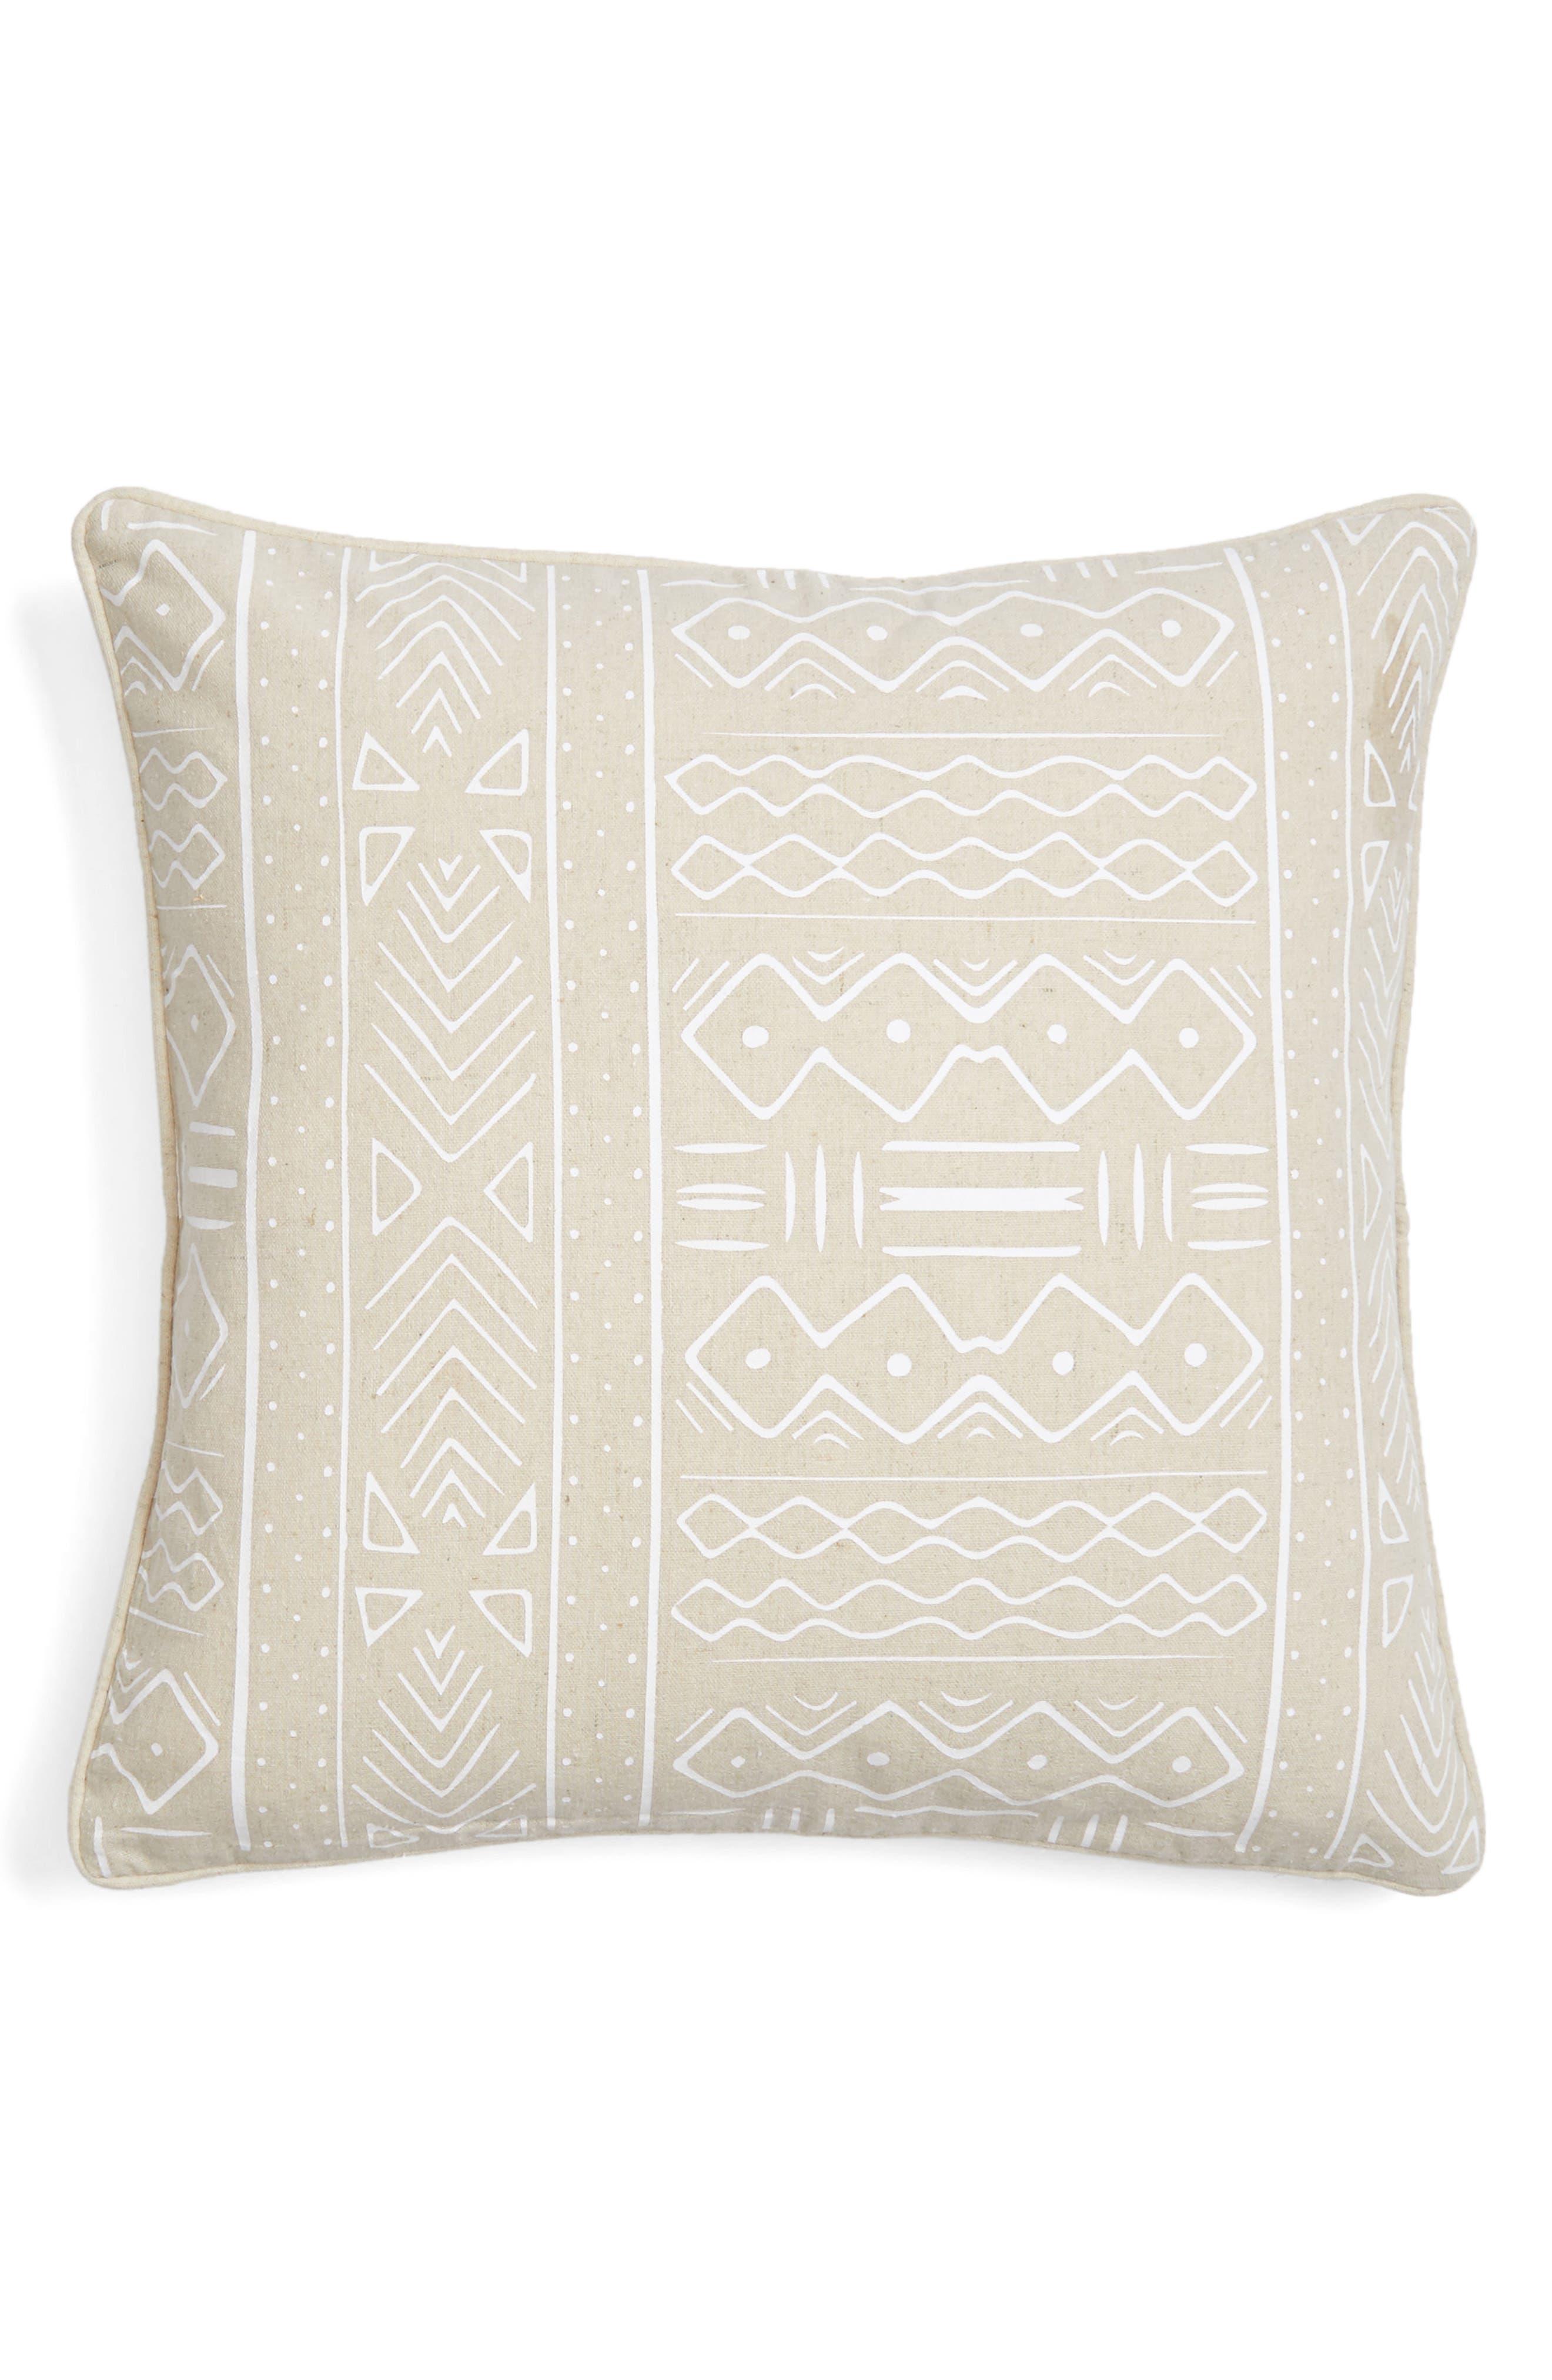 Pinch Mudcloth Pillow,                             Main thumbnail 1, color,                             Natural